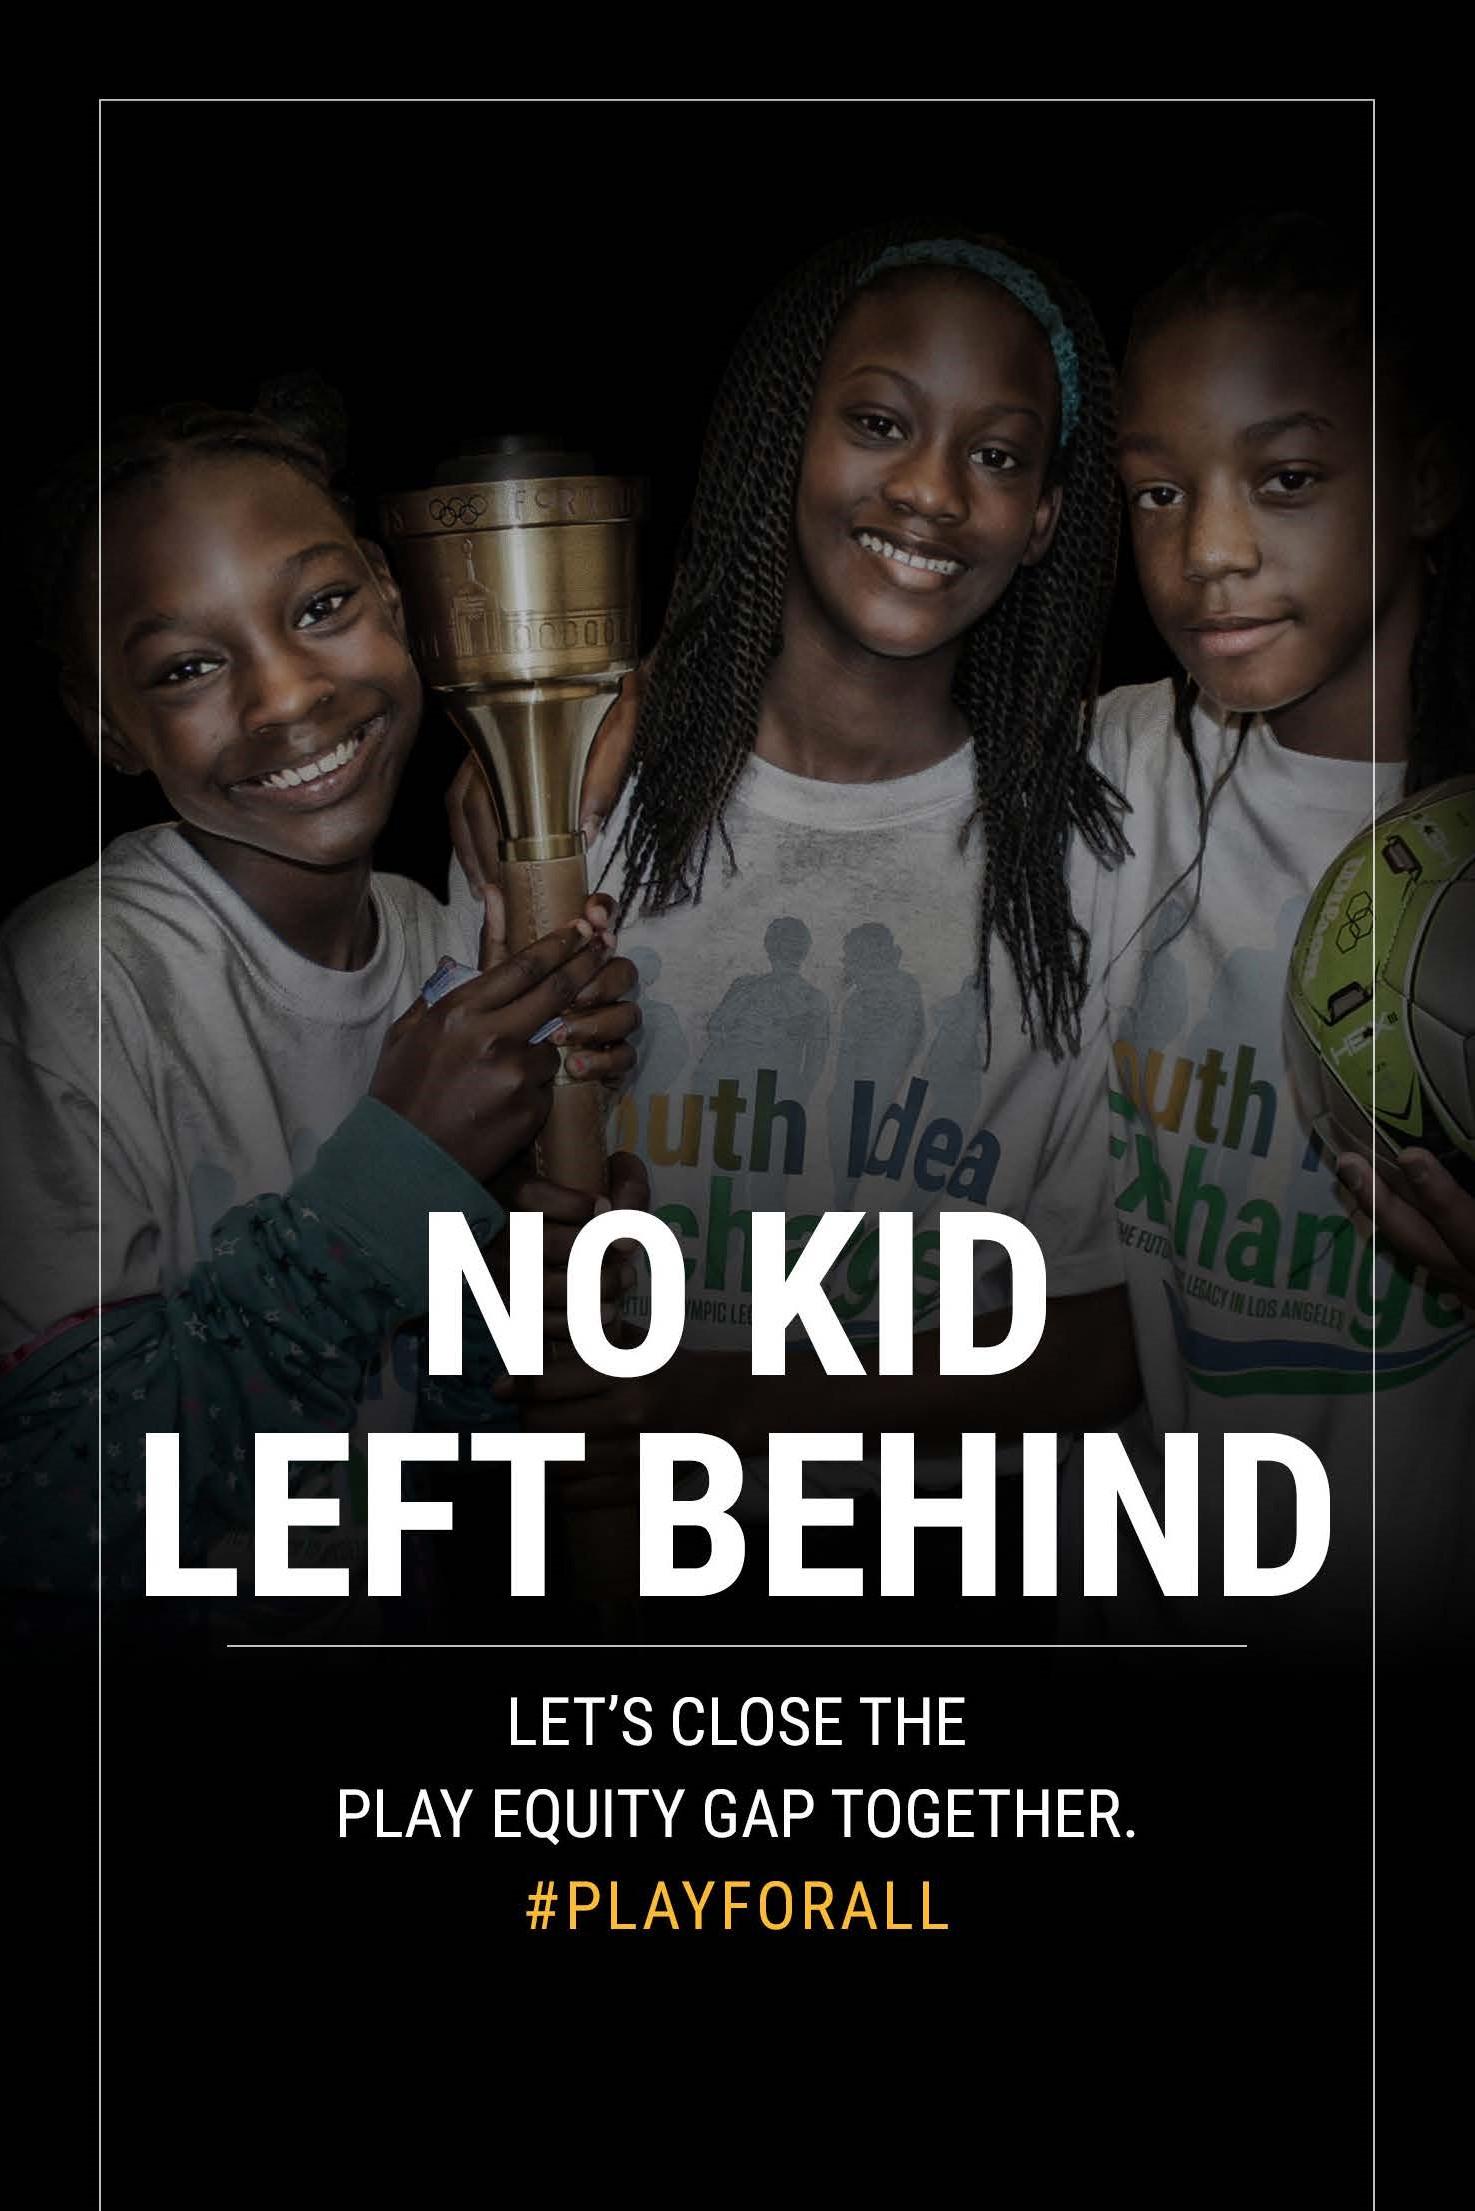 No-Kid-Left-Behind-10-22-10-26-17-website